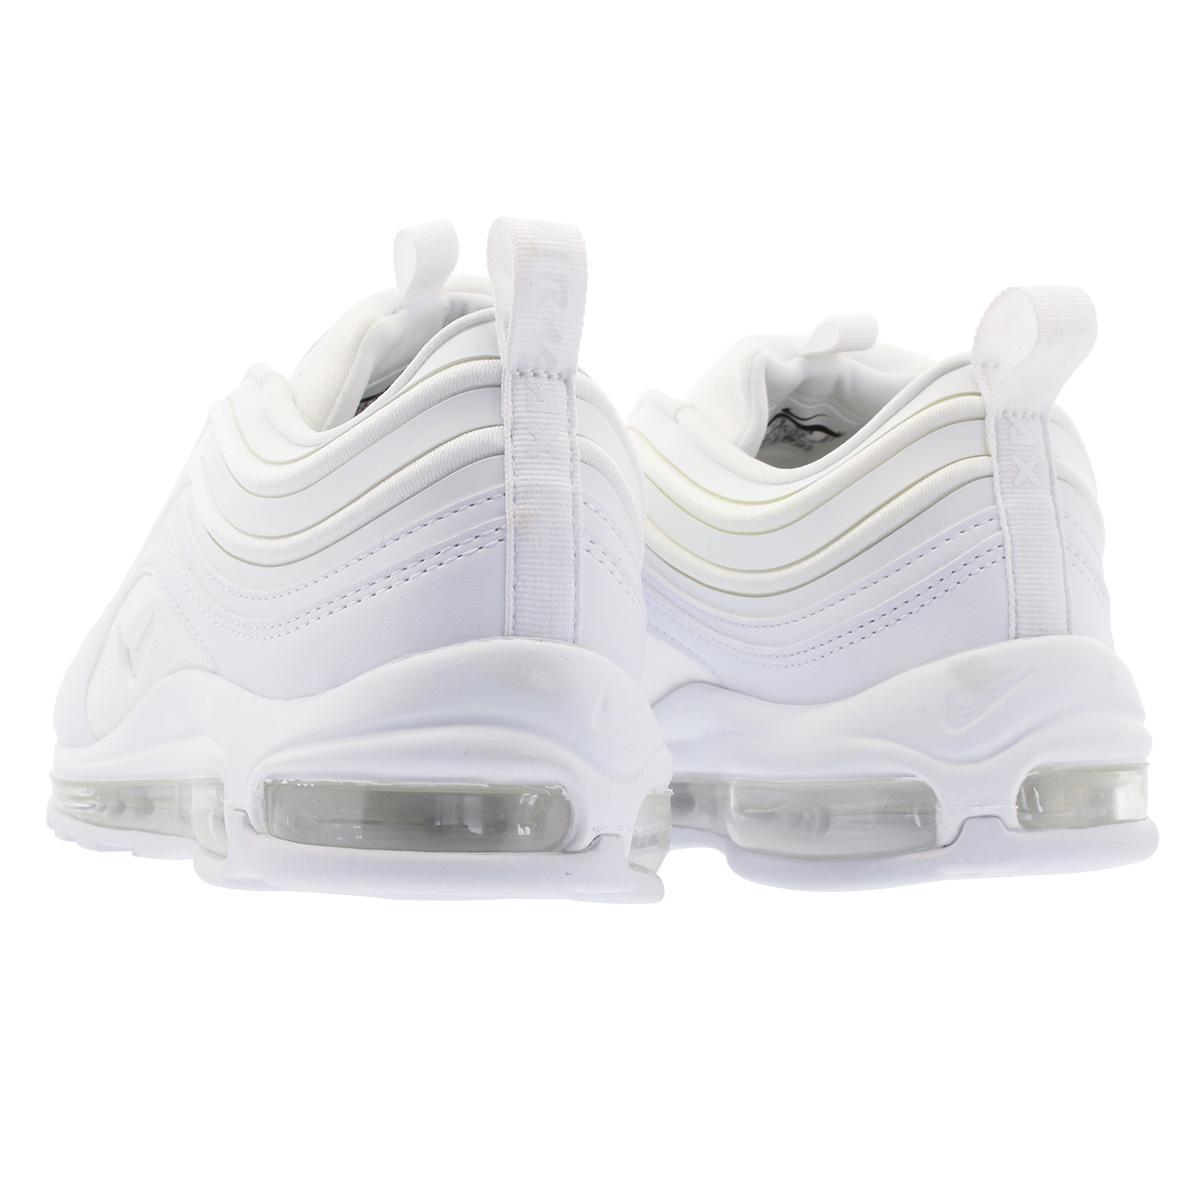 22c4776458a2 NIKE WMNS AIR MAX 97 UL  17 Nike women Air Max ultra  17 WHITE WHITE WHITE  917